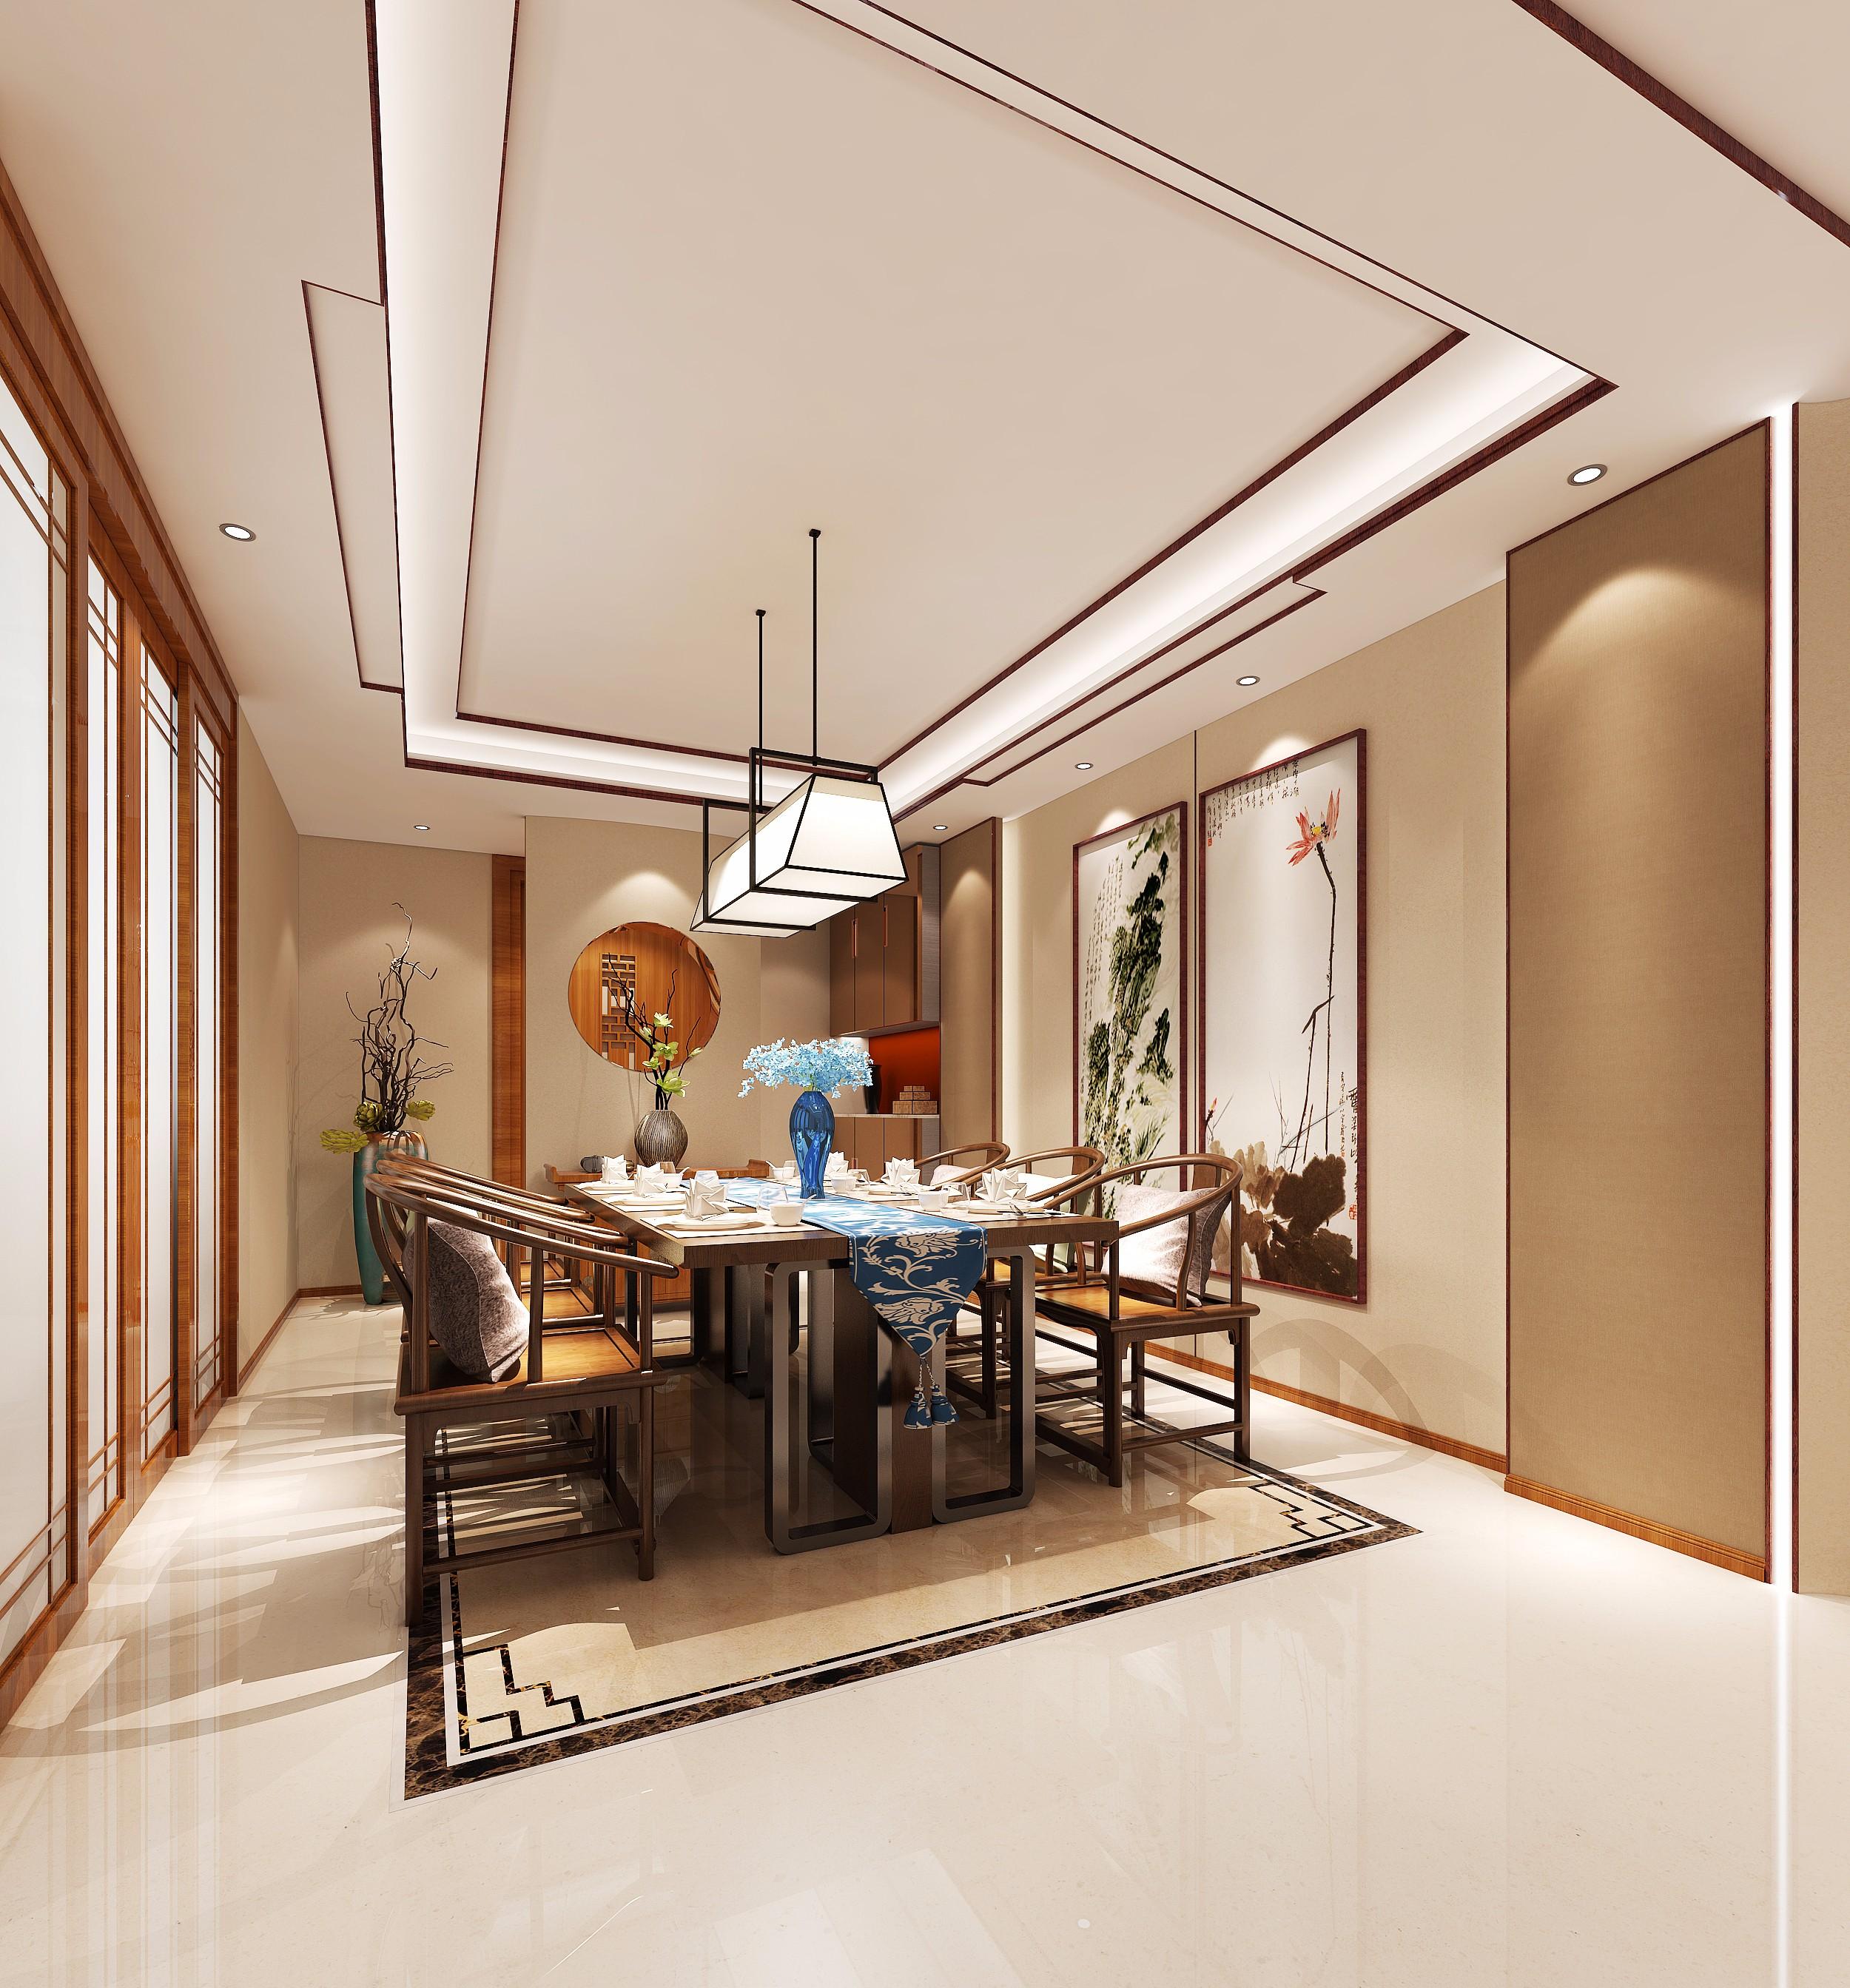 本公司承接室内设计,室内效果图,全景图,室外效果图,施工图深化,工程